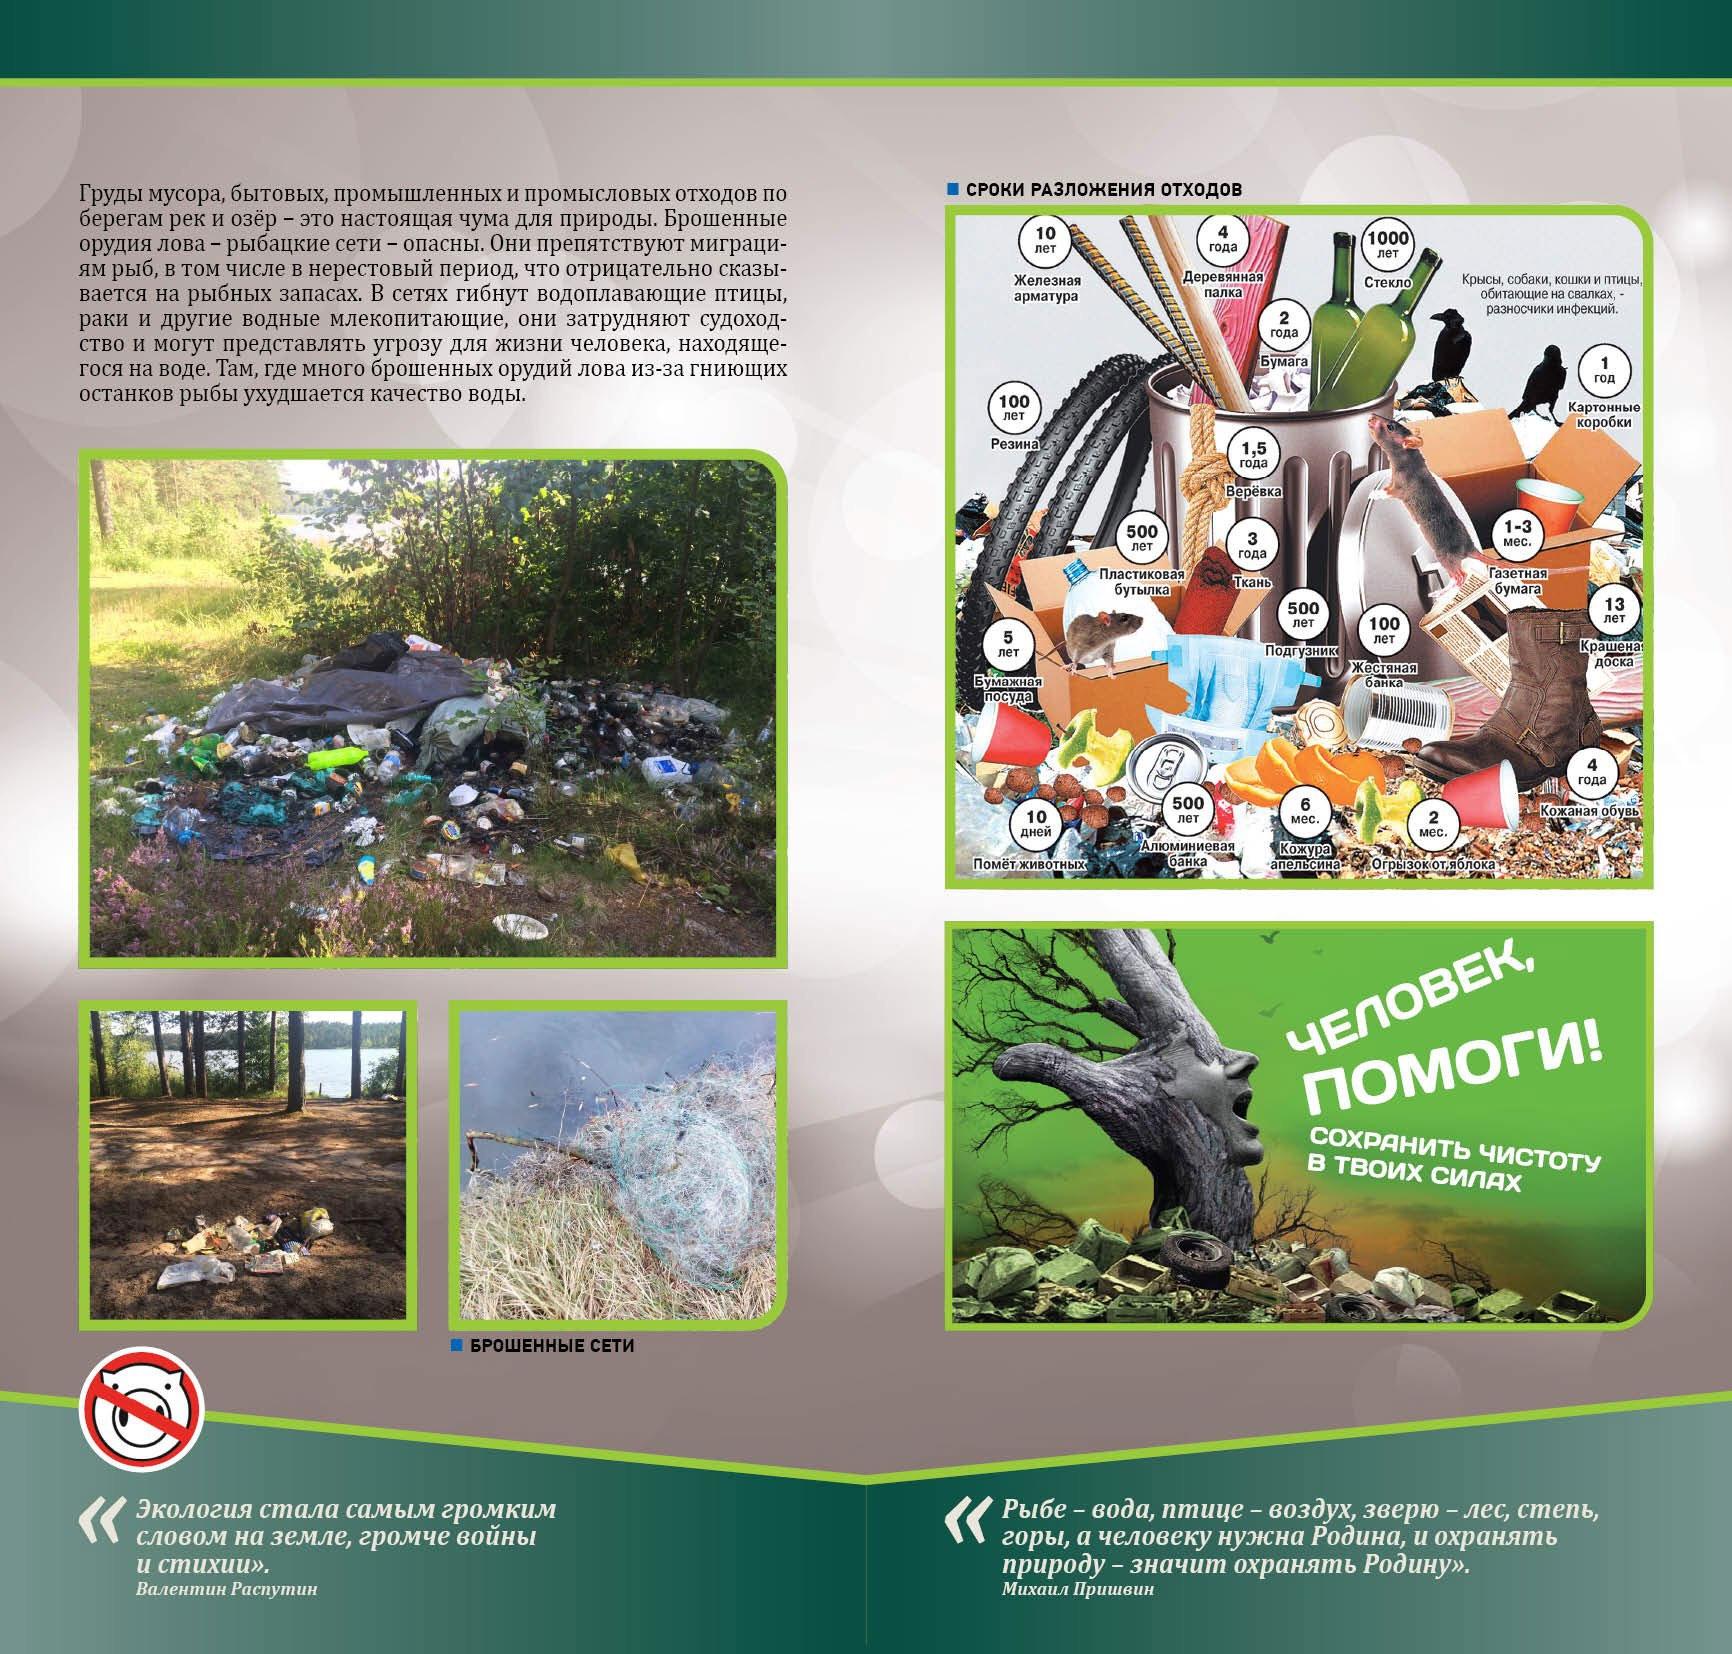 Информационная брошюрапсковского экологического движения ЗА ЧИСТЫЙ БЕРЕГ